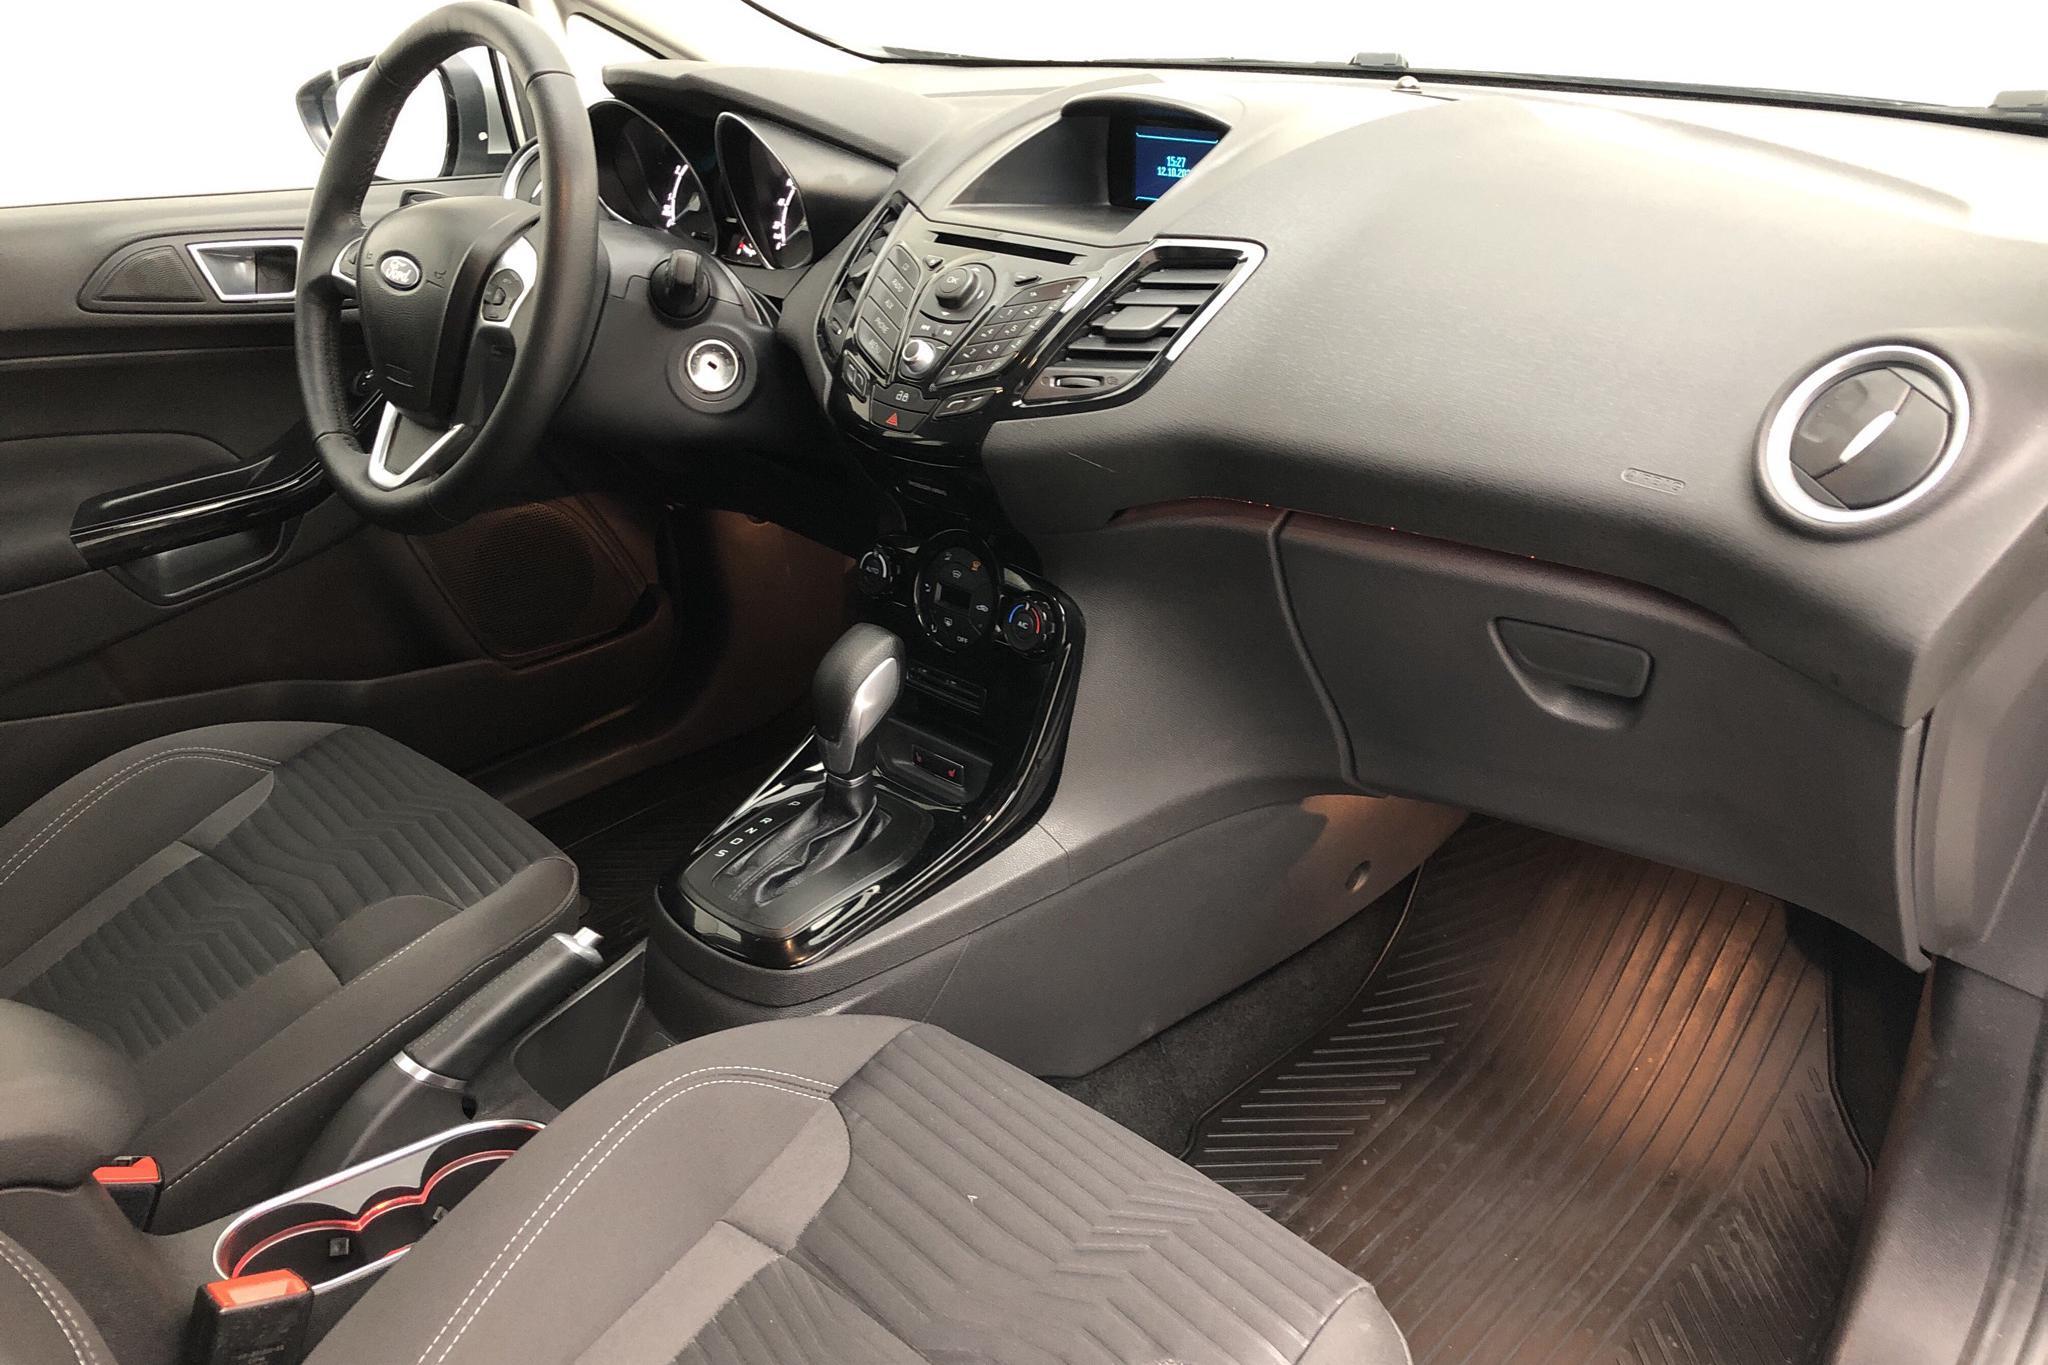 Ford Fiesta 1.0T EcoBoost 5dr (100hk) - 1 803 mil - Automat - grå - 2014